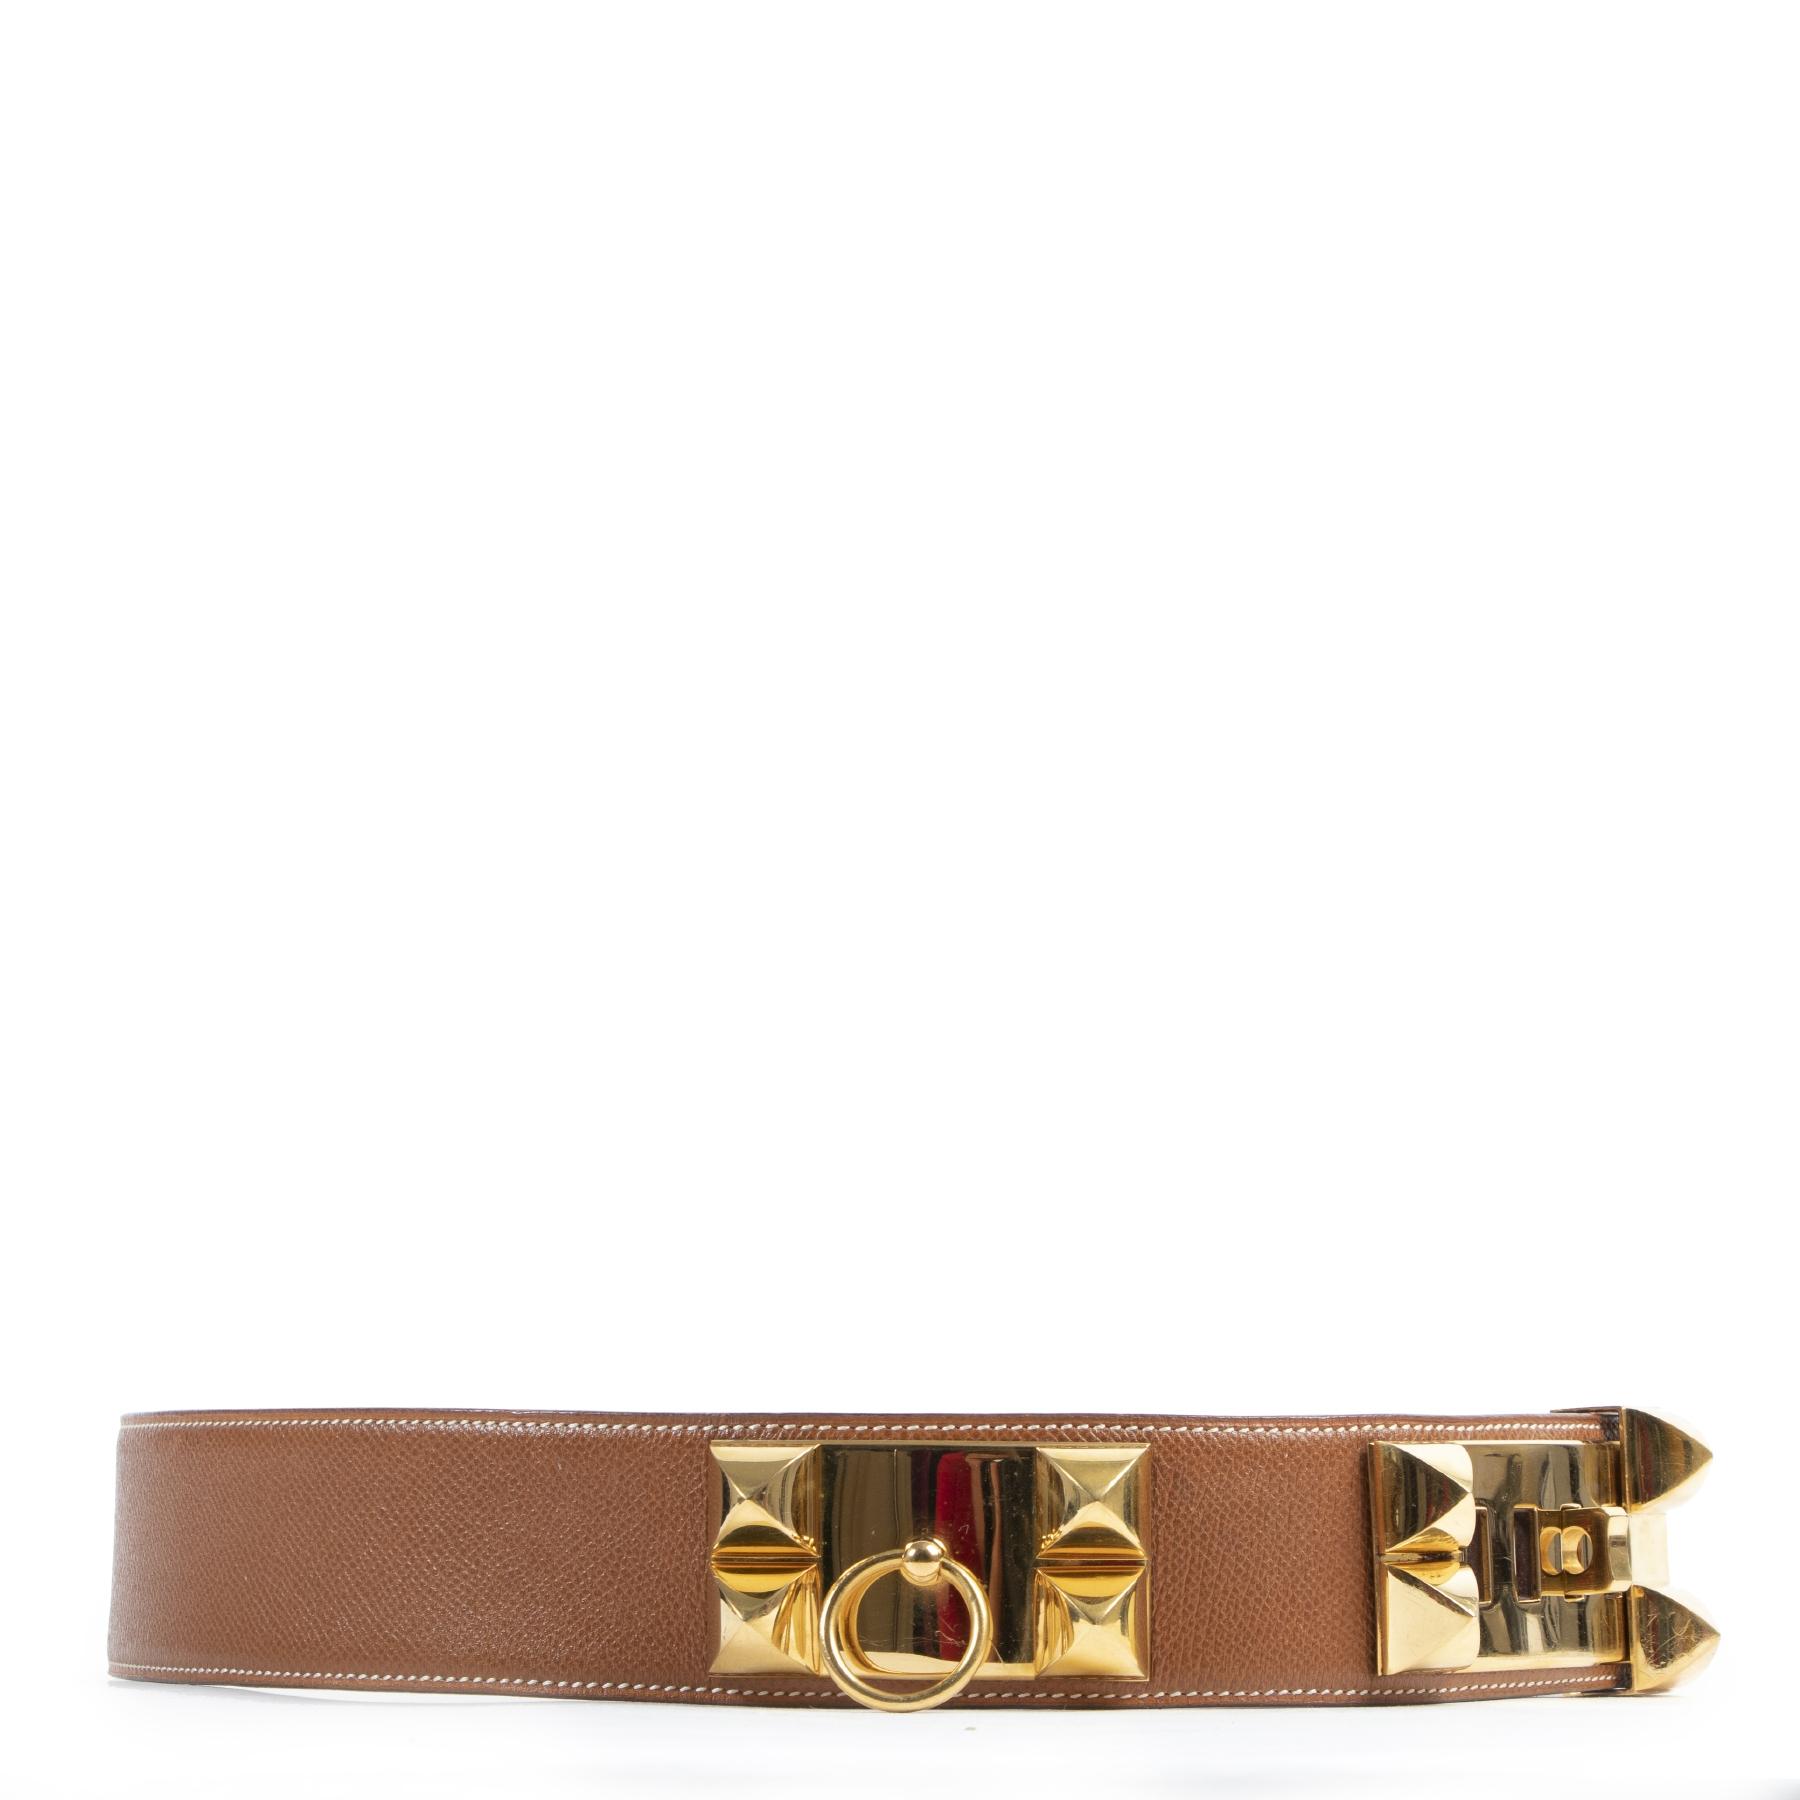 Authentic secondhand Hermès Cognac Gold Collier de Chien Belt - Size 90 designer accessories fashion luxury vintage webshop safe secure online shopping